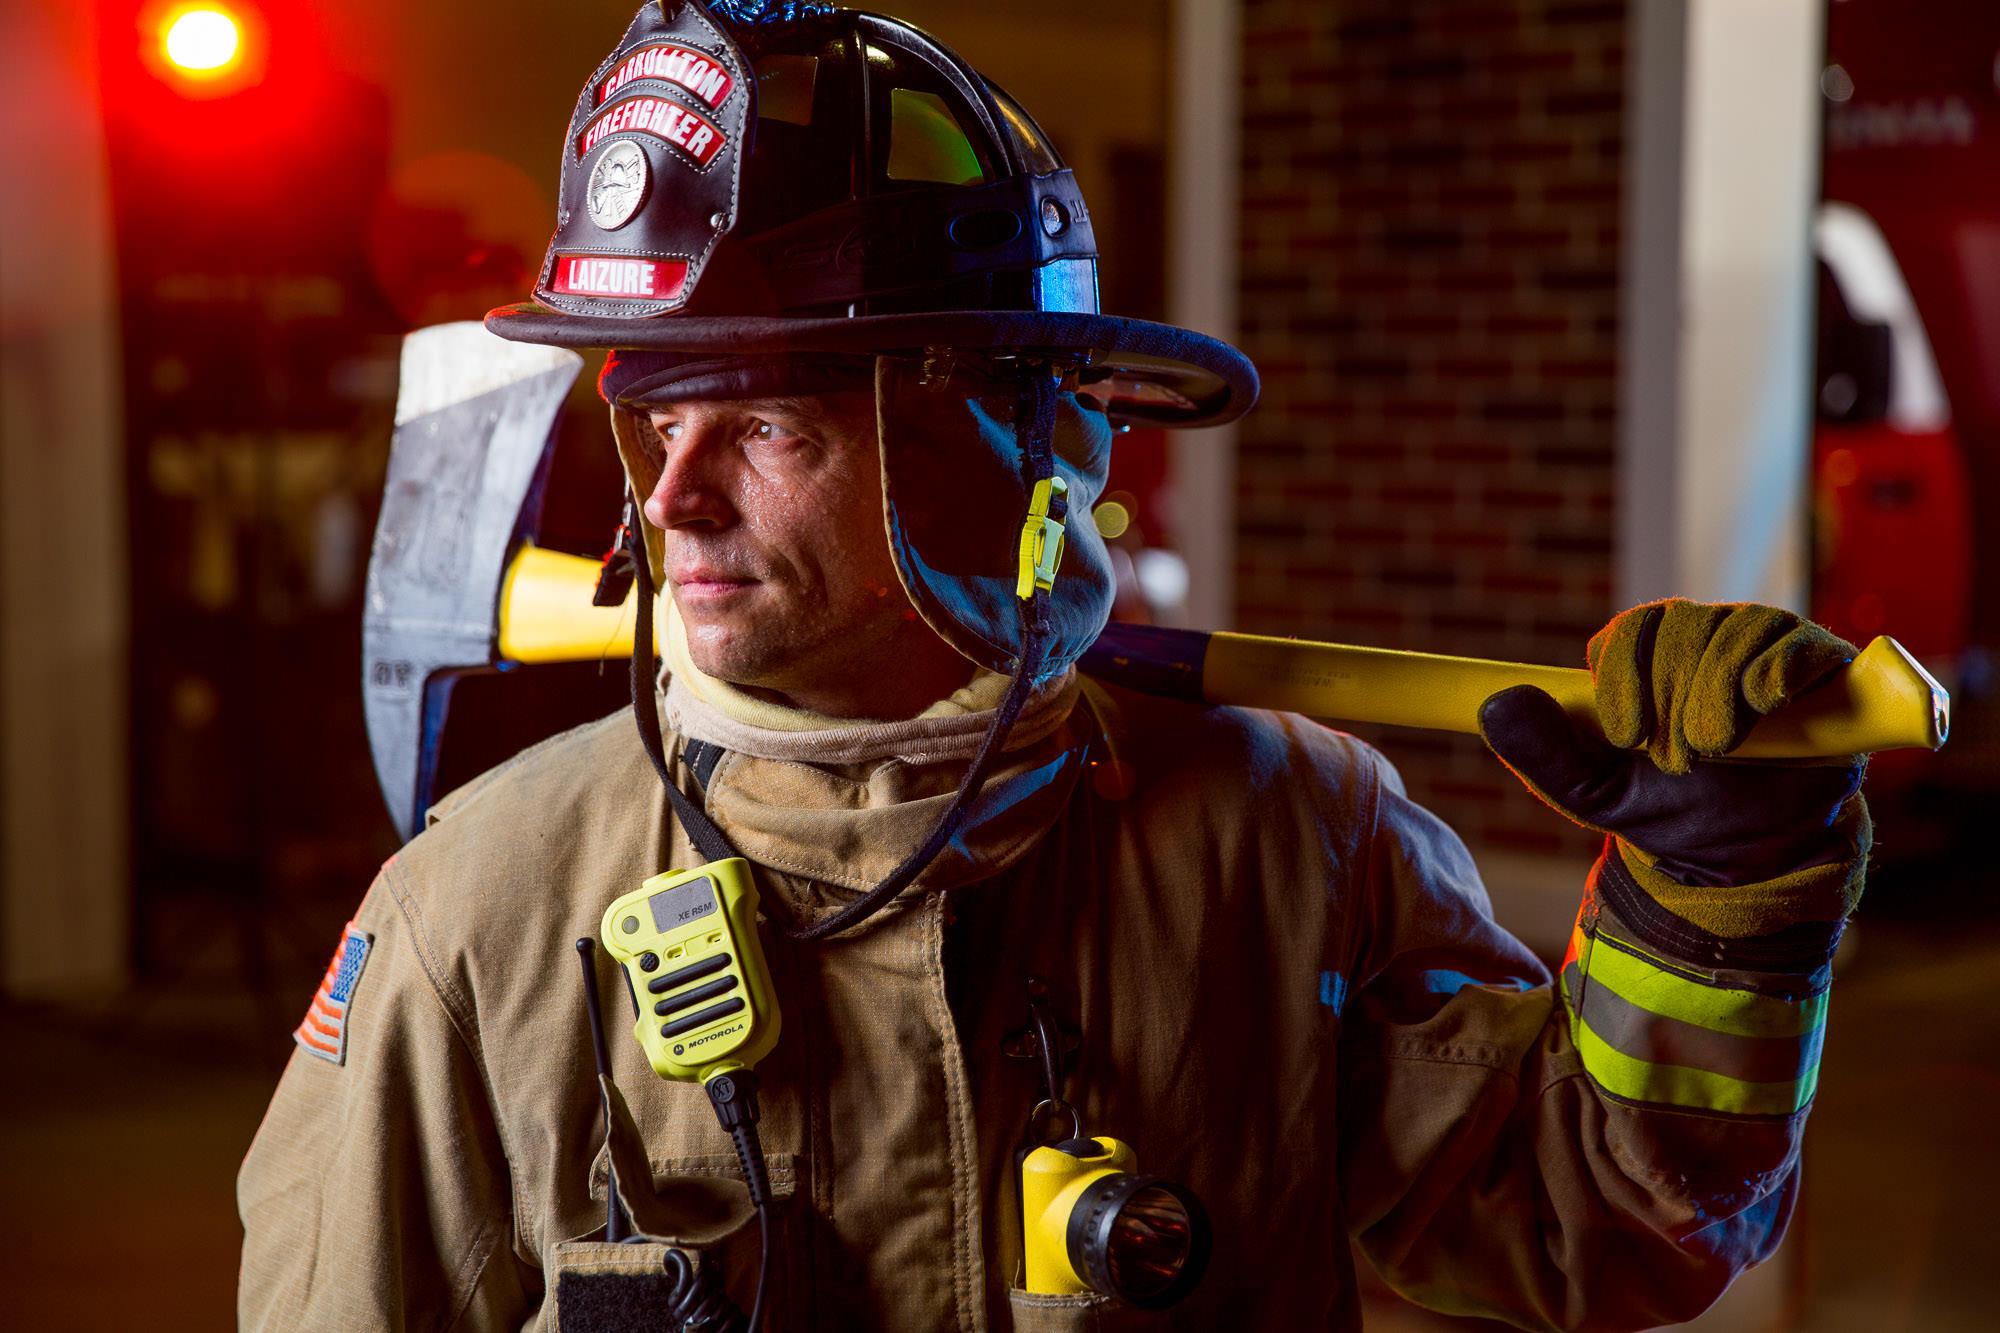 Firemen-3172.jpg